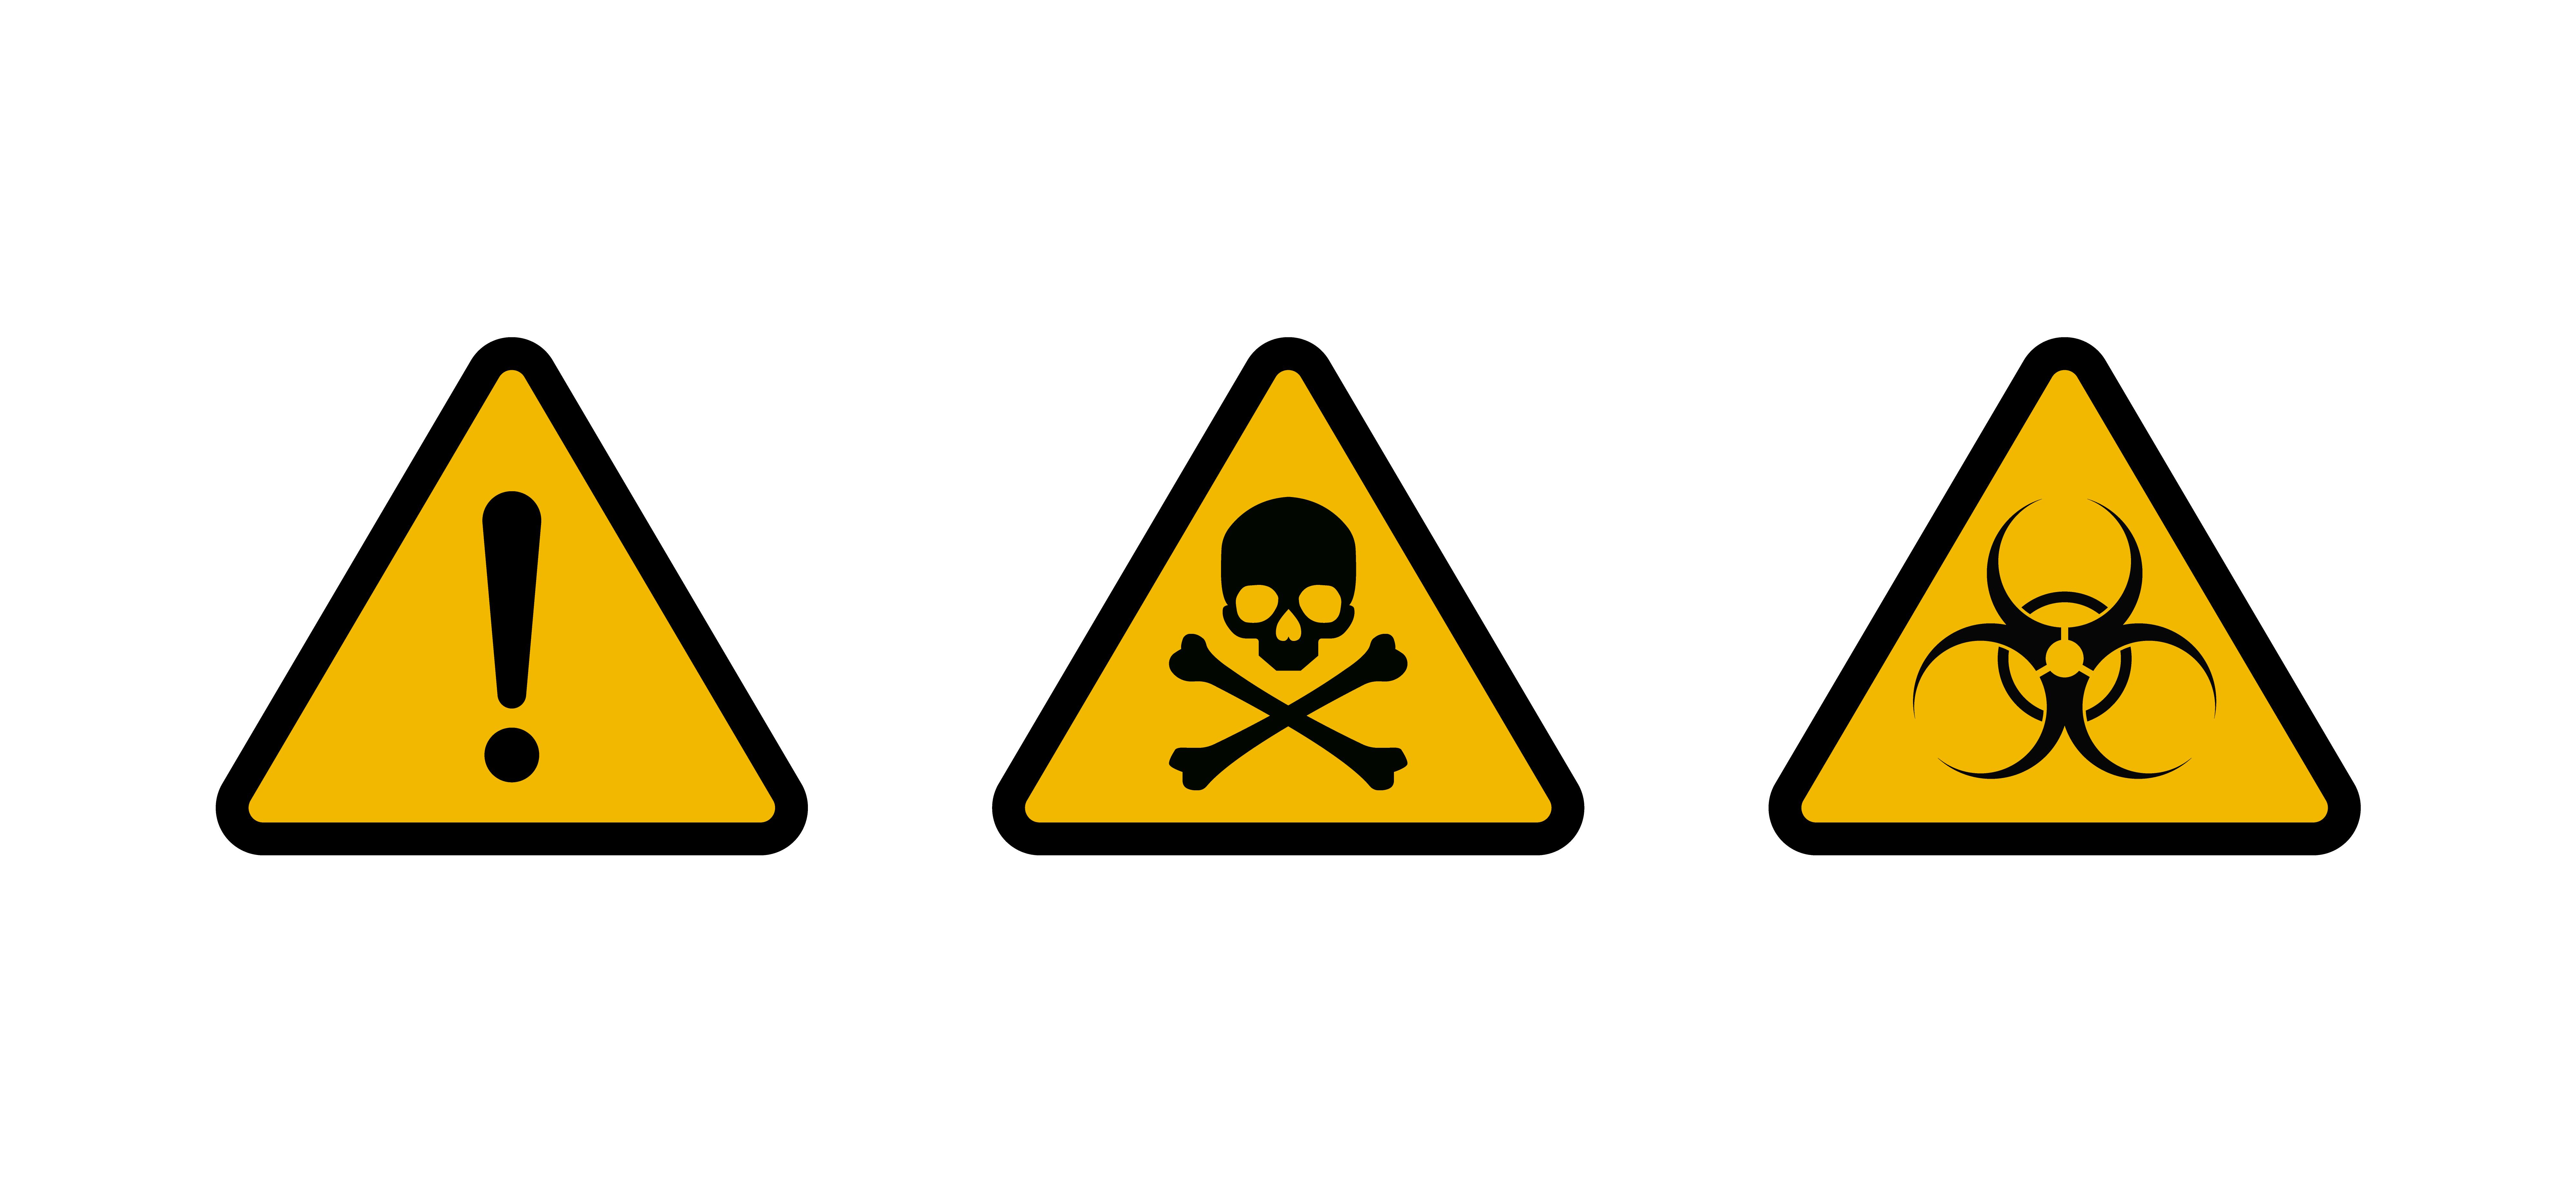 Vector de señales de advertencia y cintas. - Descargar